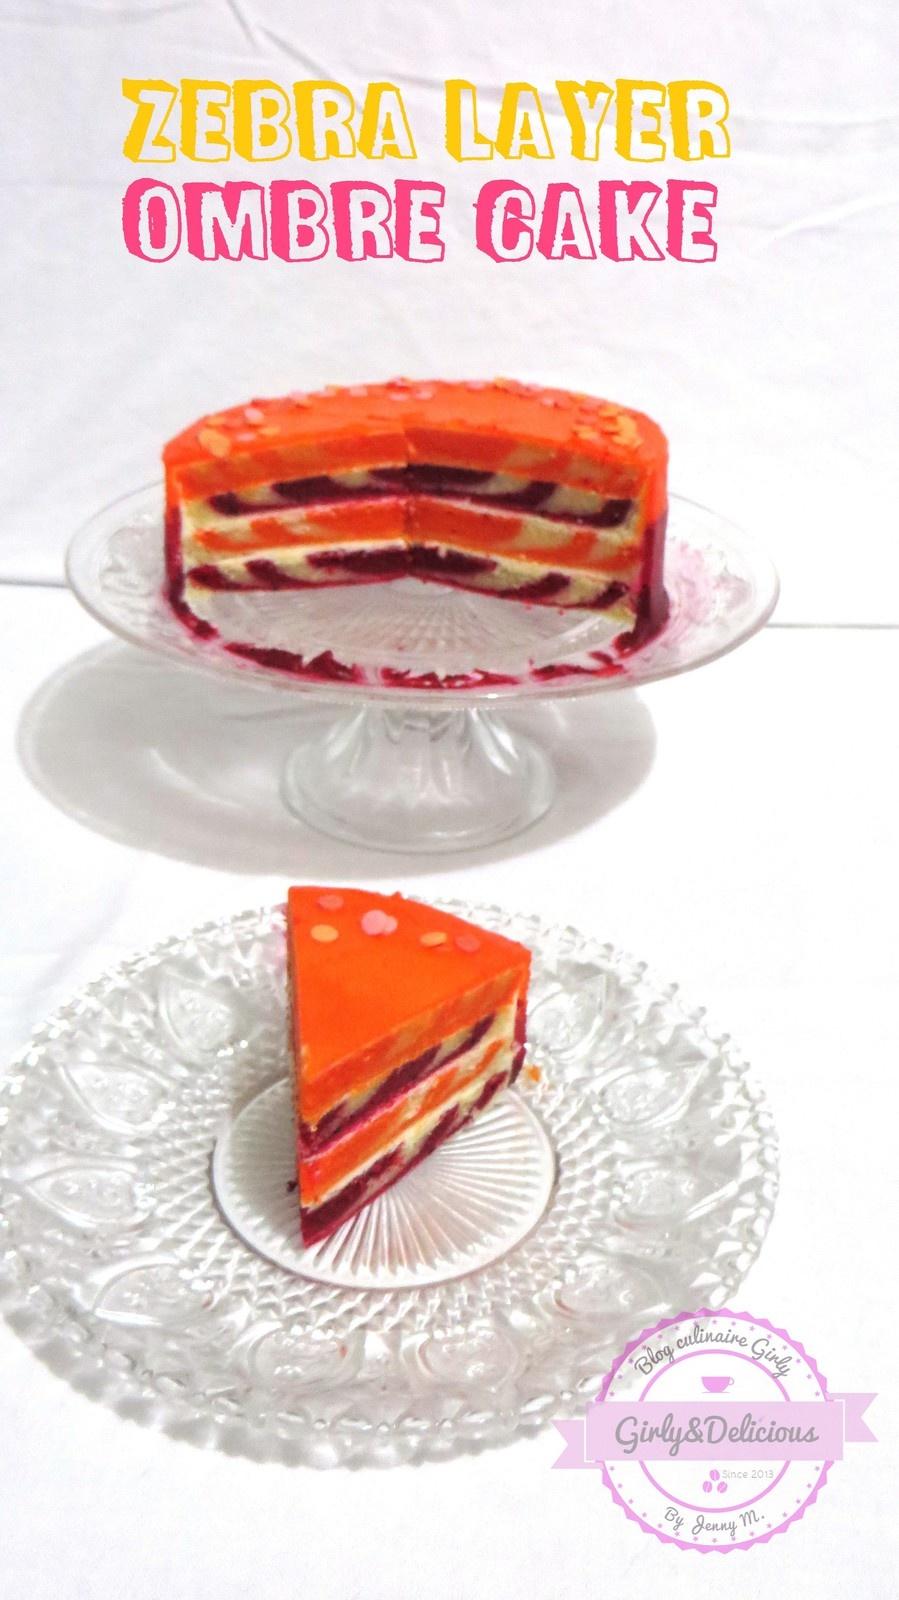 ob_3c7329_zebra-layer-ombre-cake-pp2